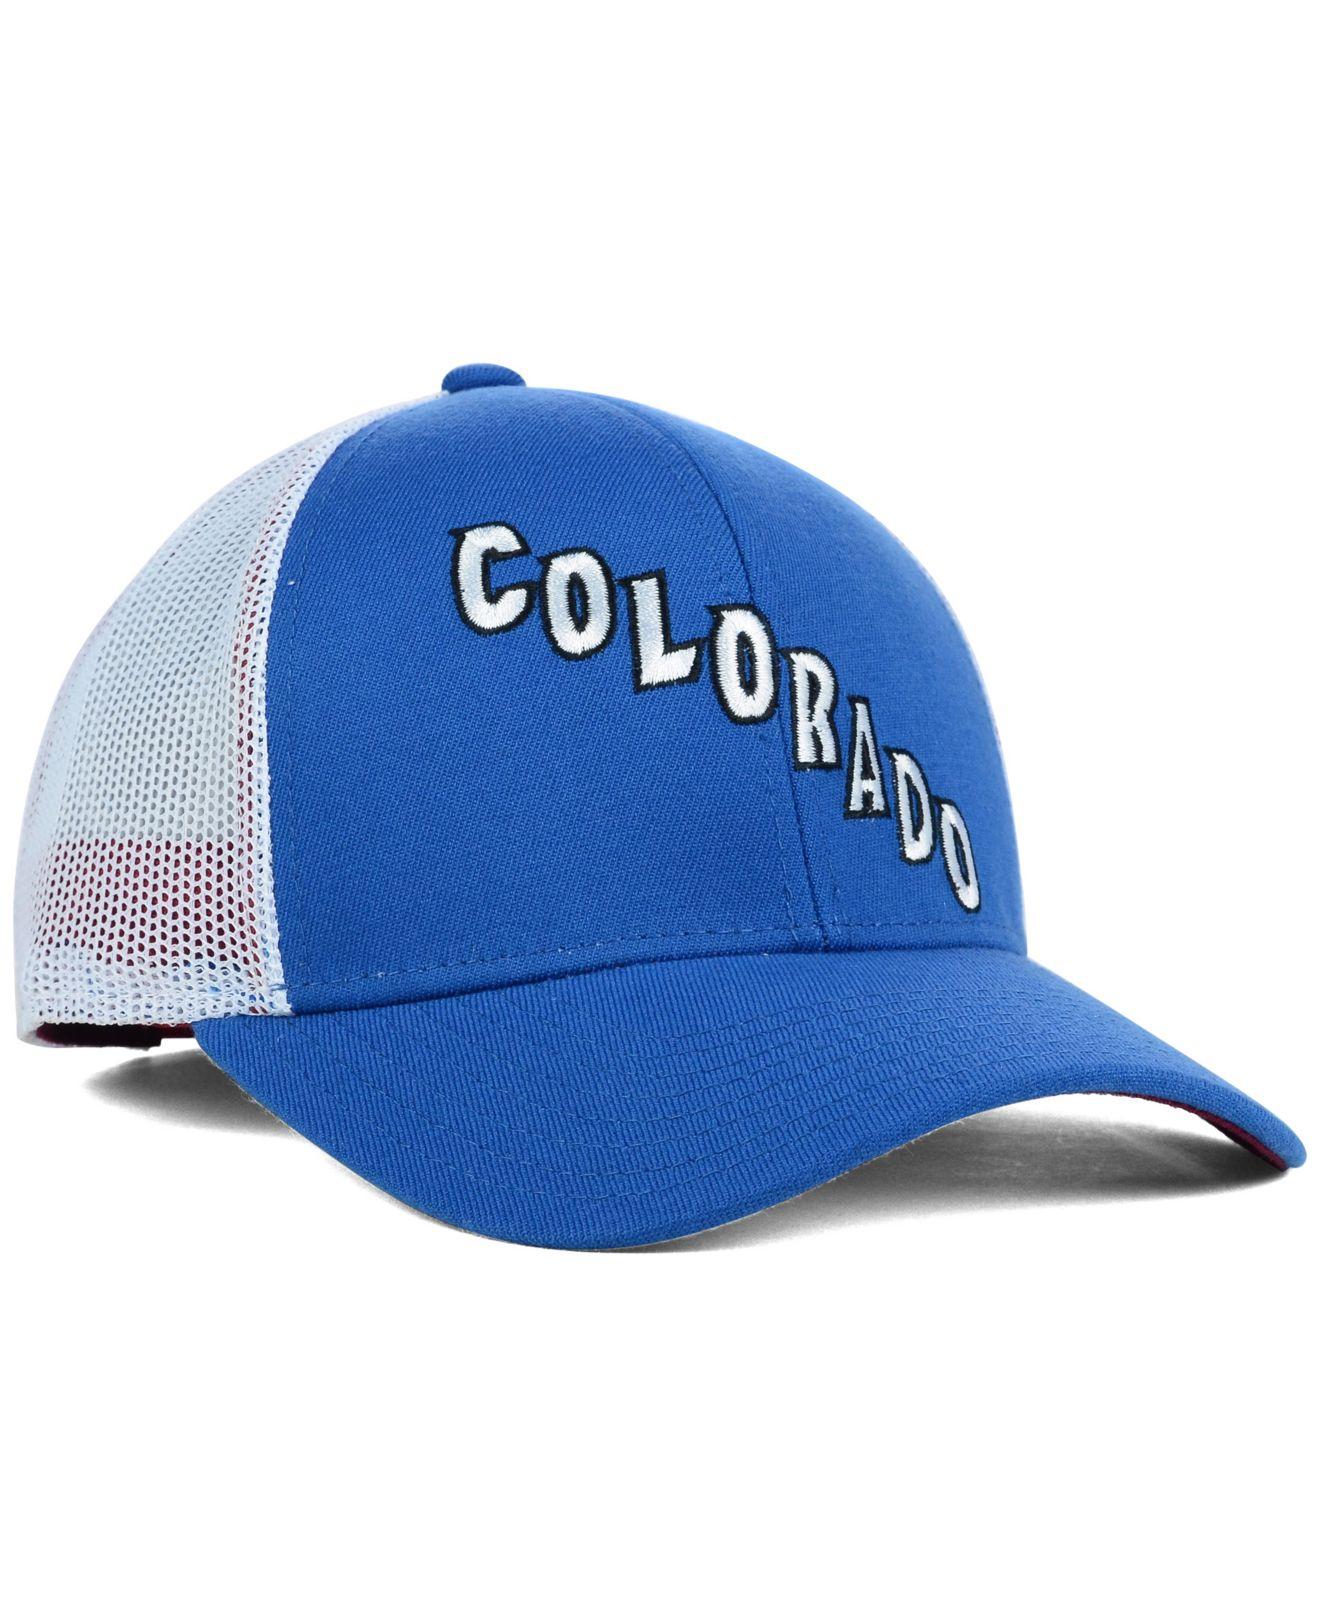 colorado hookup